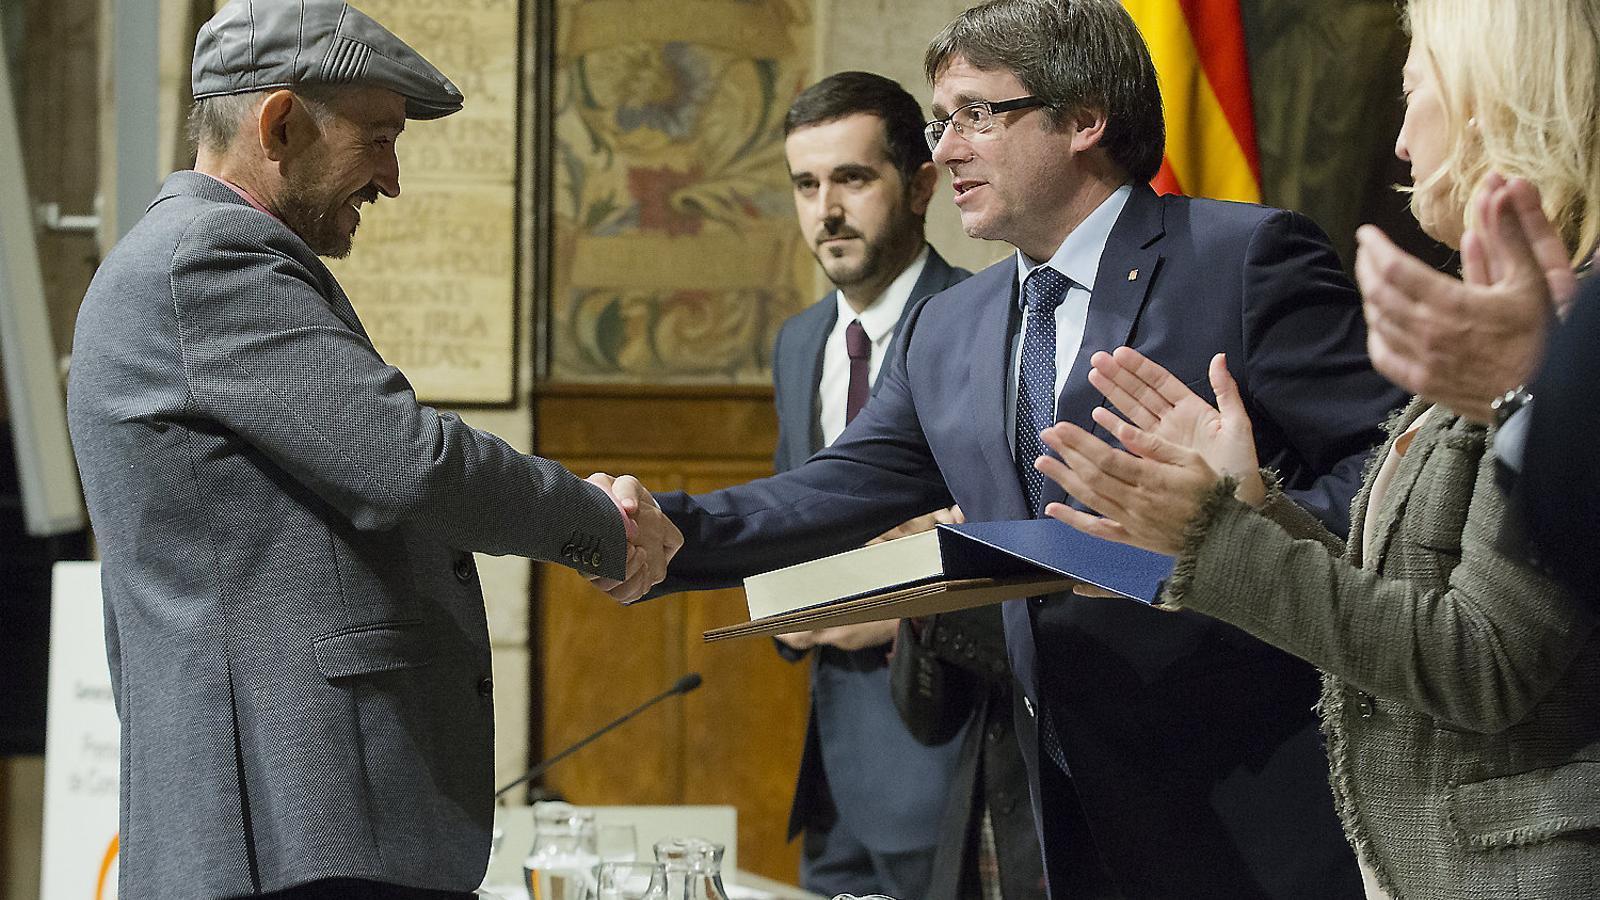 Carles Capdevila quan va rebre el Premi Nacional de mans del president Puigdemont.